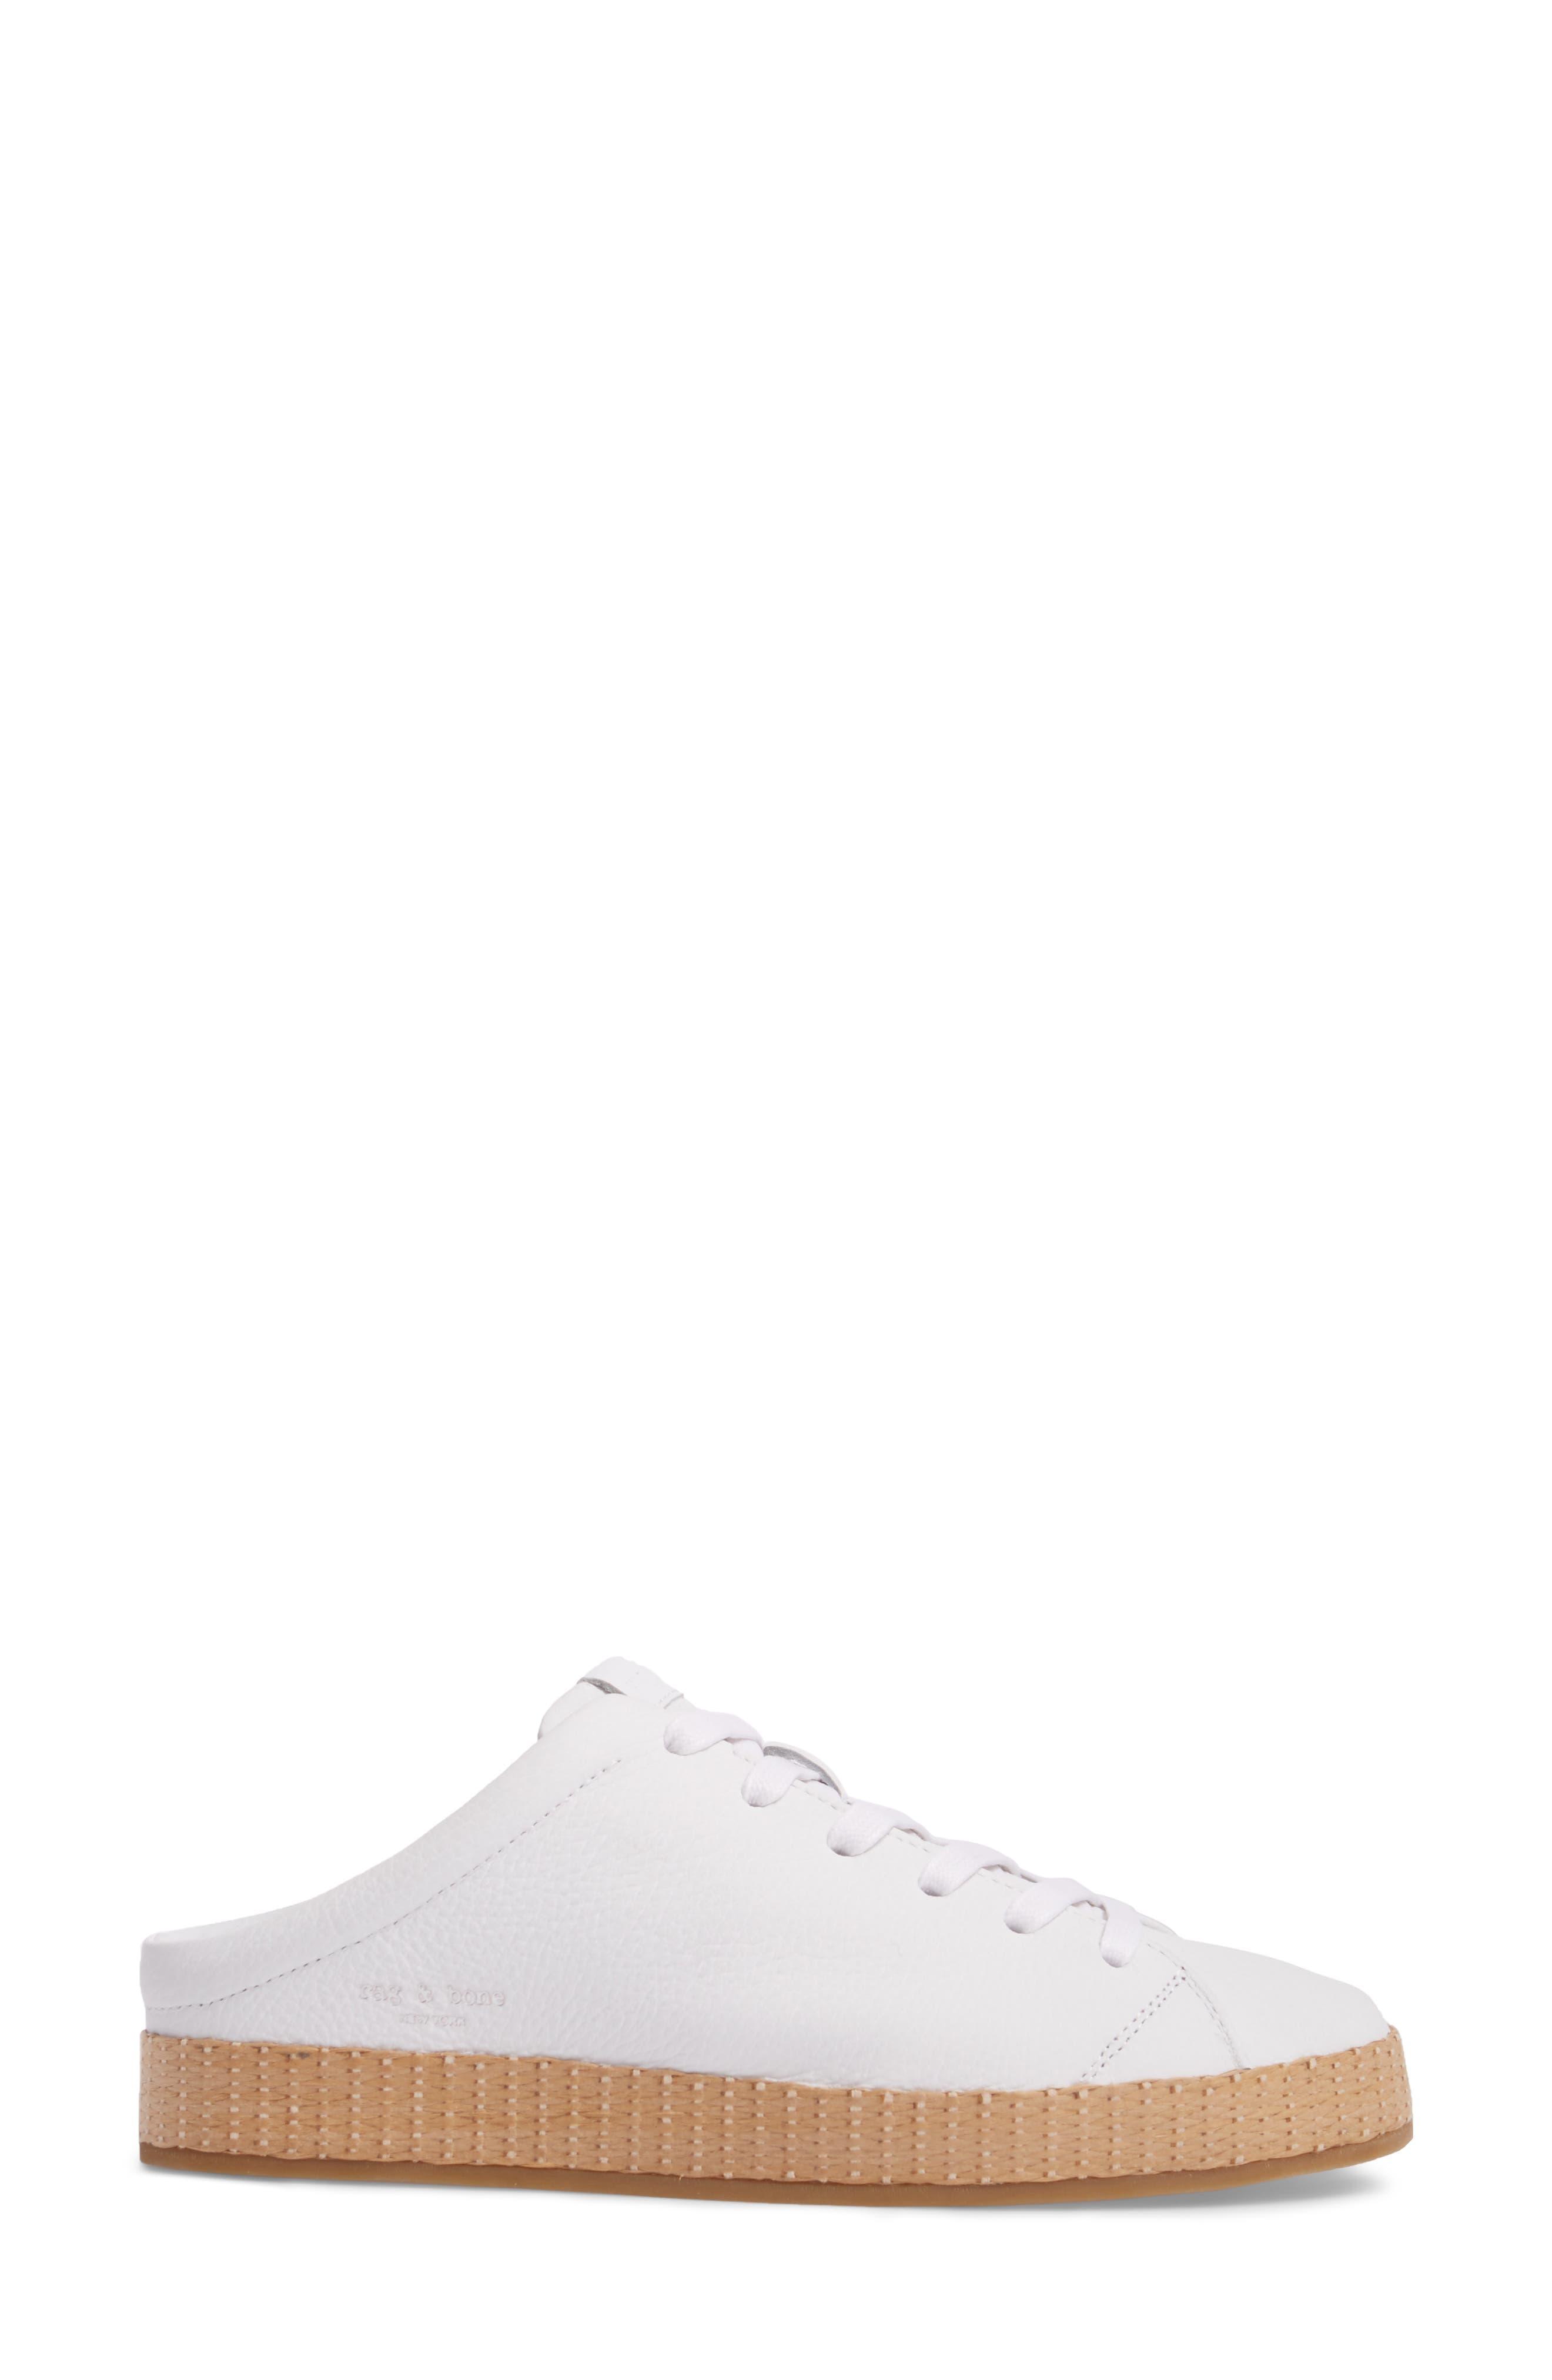 RB1 Slip-On Sneaker,                             Alternate thumbnail 3, color,                             White